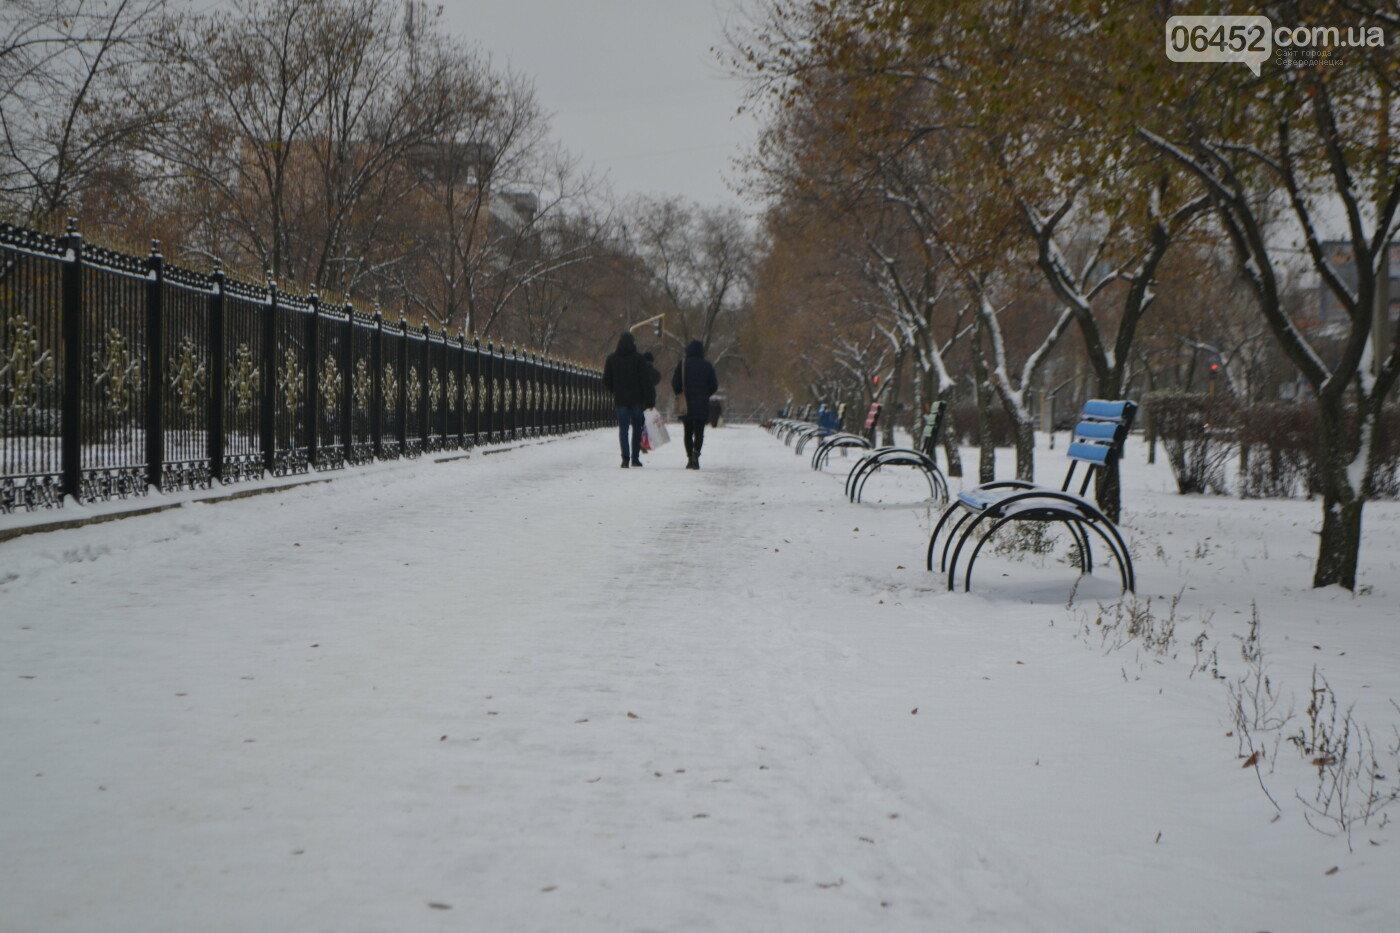 Итоги года в фотографиях. Каким запомнится 2020 жителям Северодонецка, фото-56